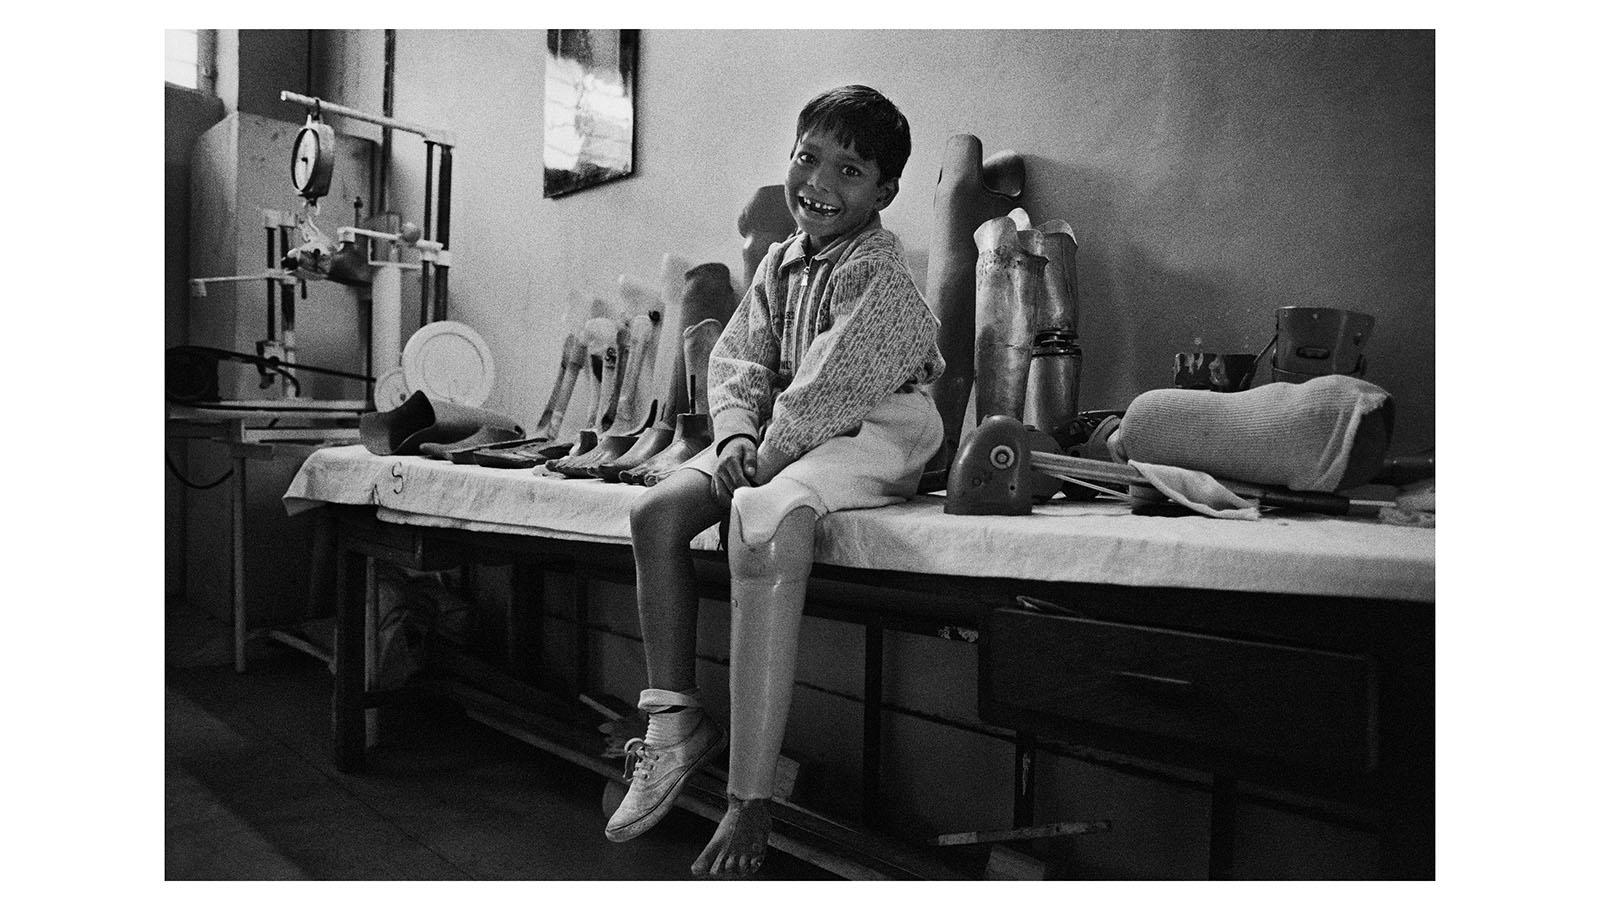 El pie de Jaipur es una prótesis desarrollada en los años 40 en esta región de la India por el Dr. Sethi. Cuando se tomó esta fotografía, el mecanismo costaba tan sólo 4 dólares y se consideraba el más eficaz para quienes viven en países en vías de desarrollo.